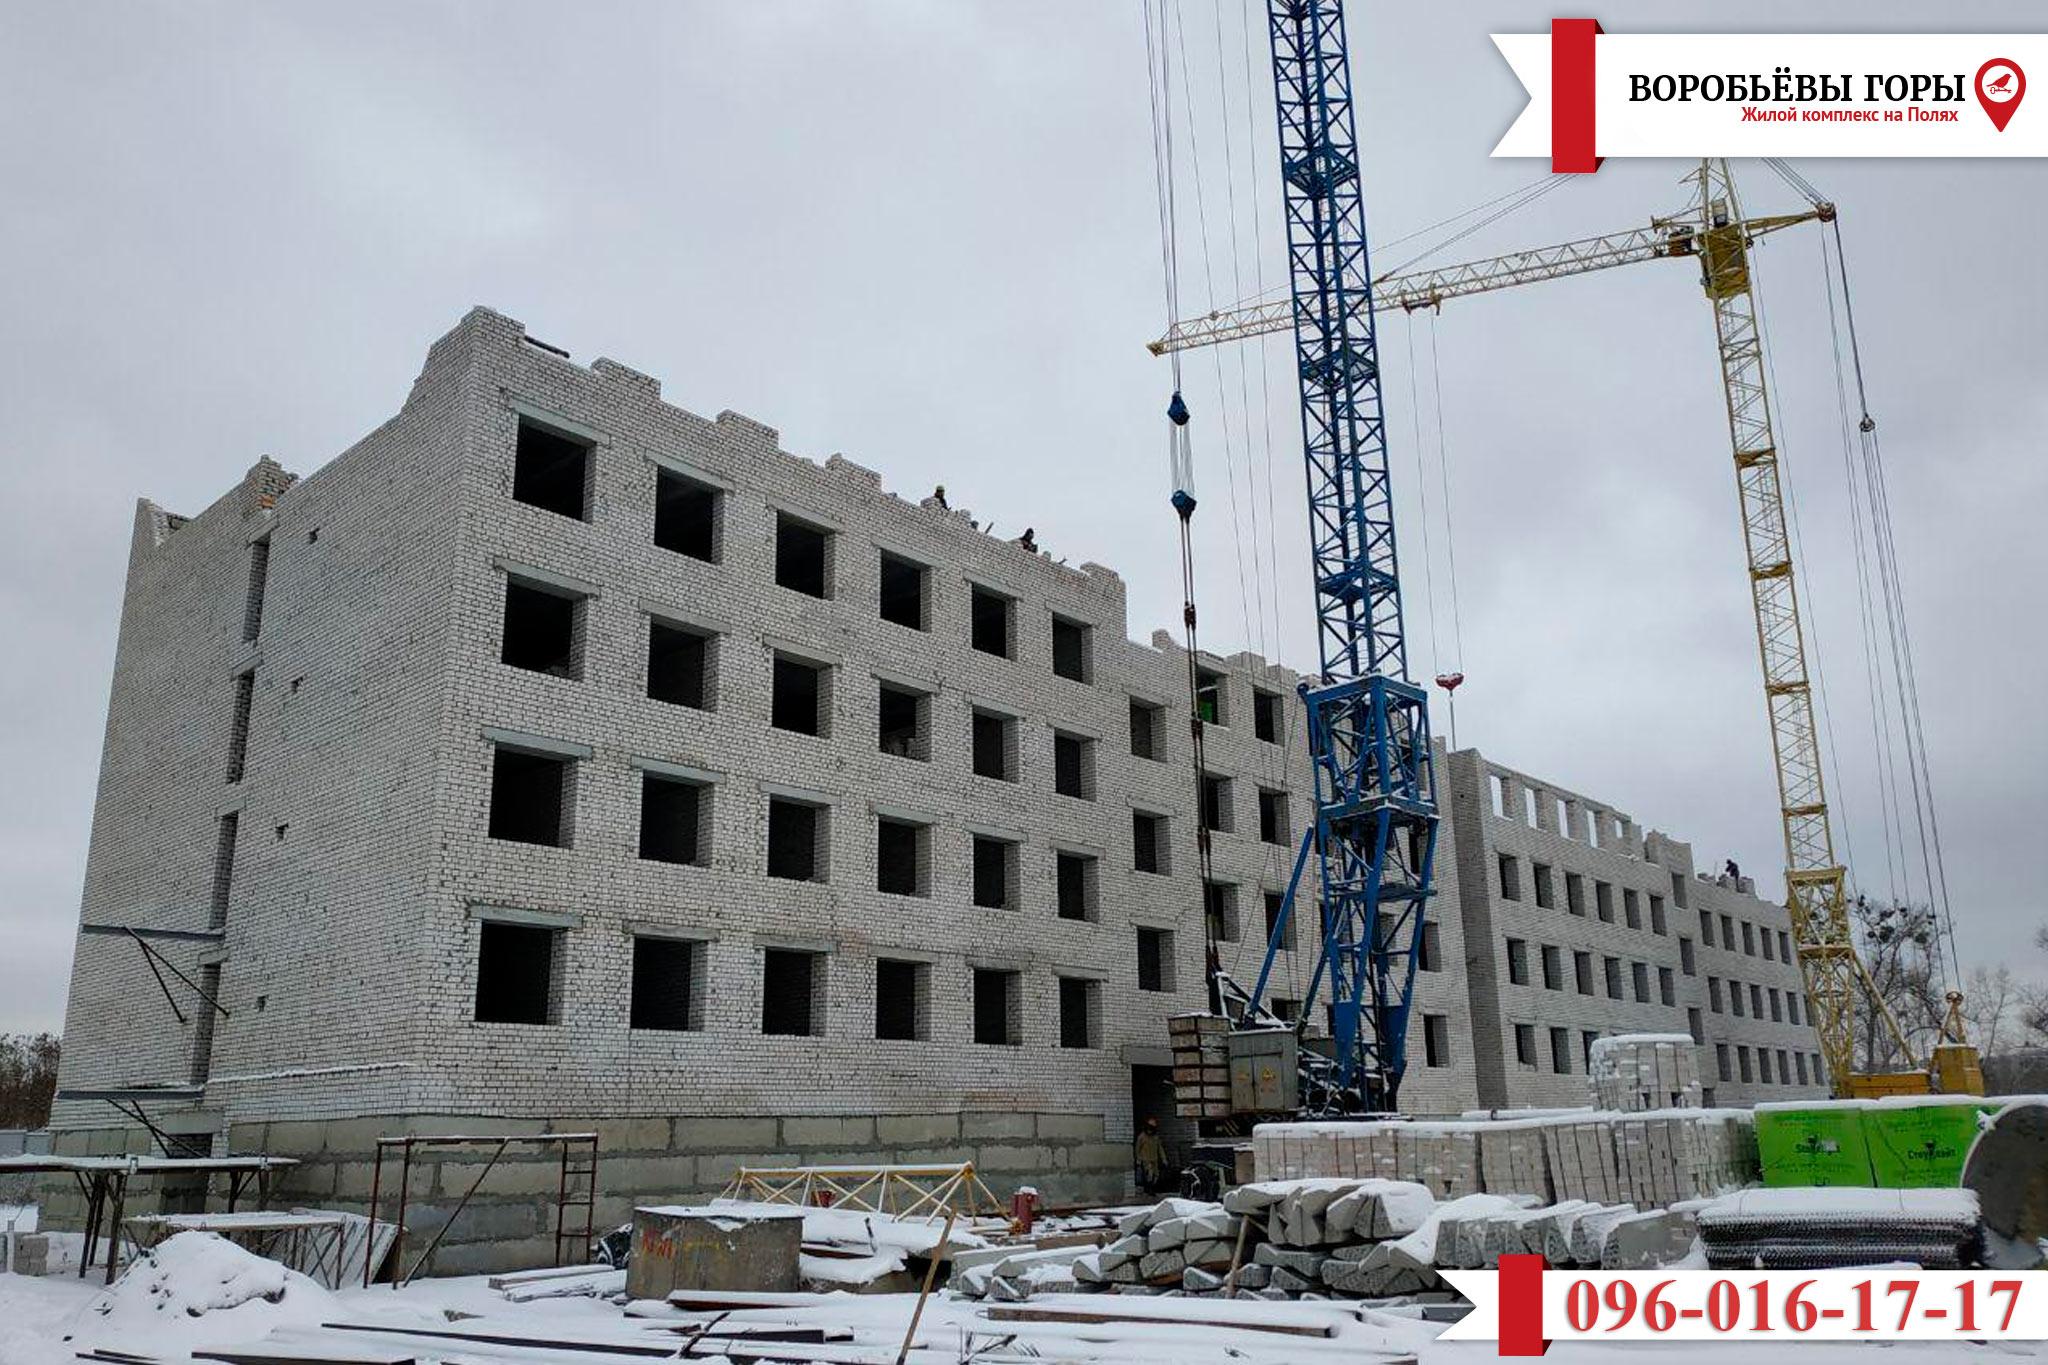 """Что известно о строительстве ЖК """"Воробьевы Горы на Полях""""?"""